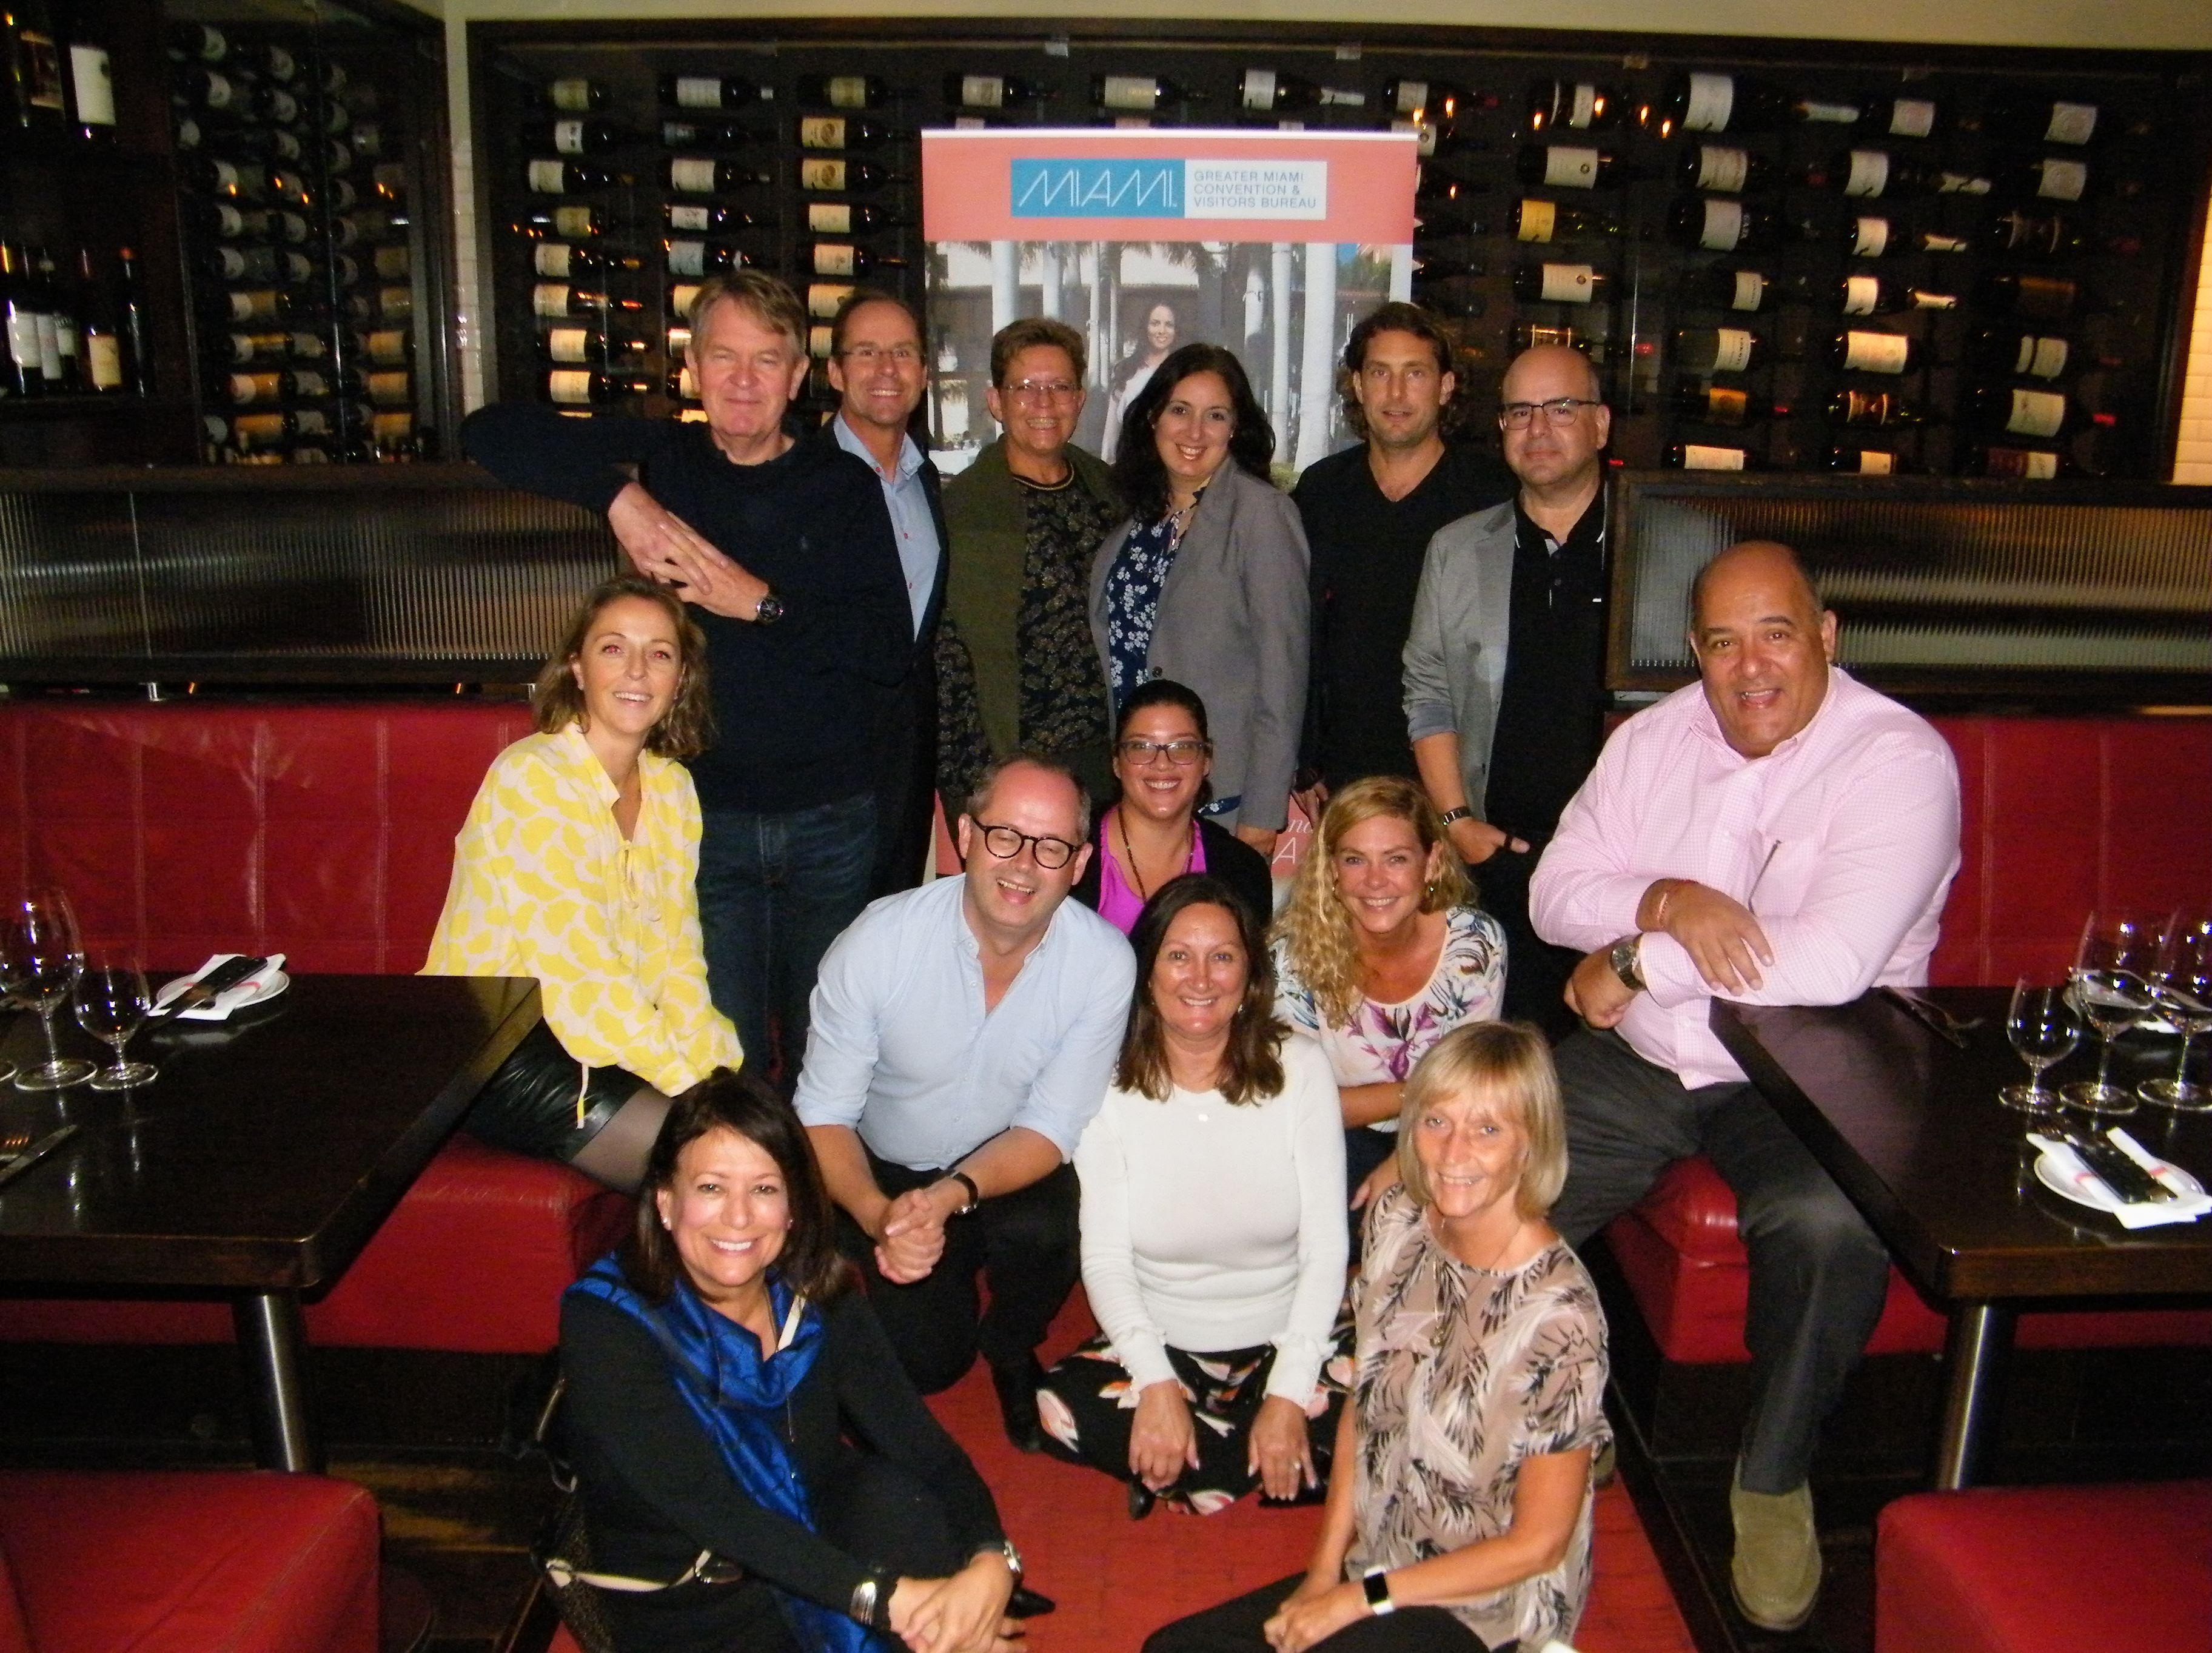 Delegationen fra Miami-hotellerne i København med de danske rejsebureaurepræsentanter under sammenkomsten på MASH-restauranten. Foto: Henrik Baumgarten.